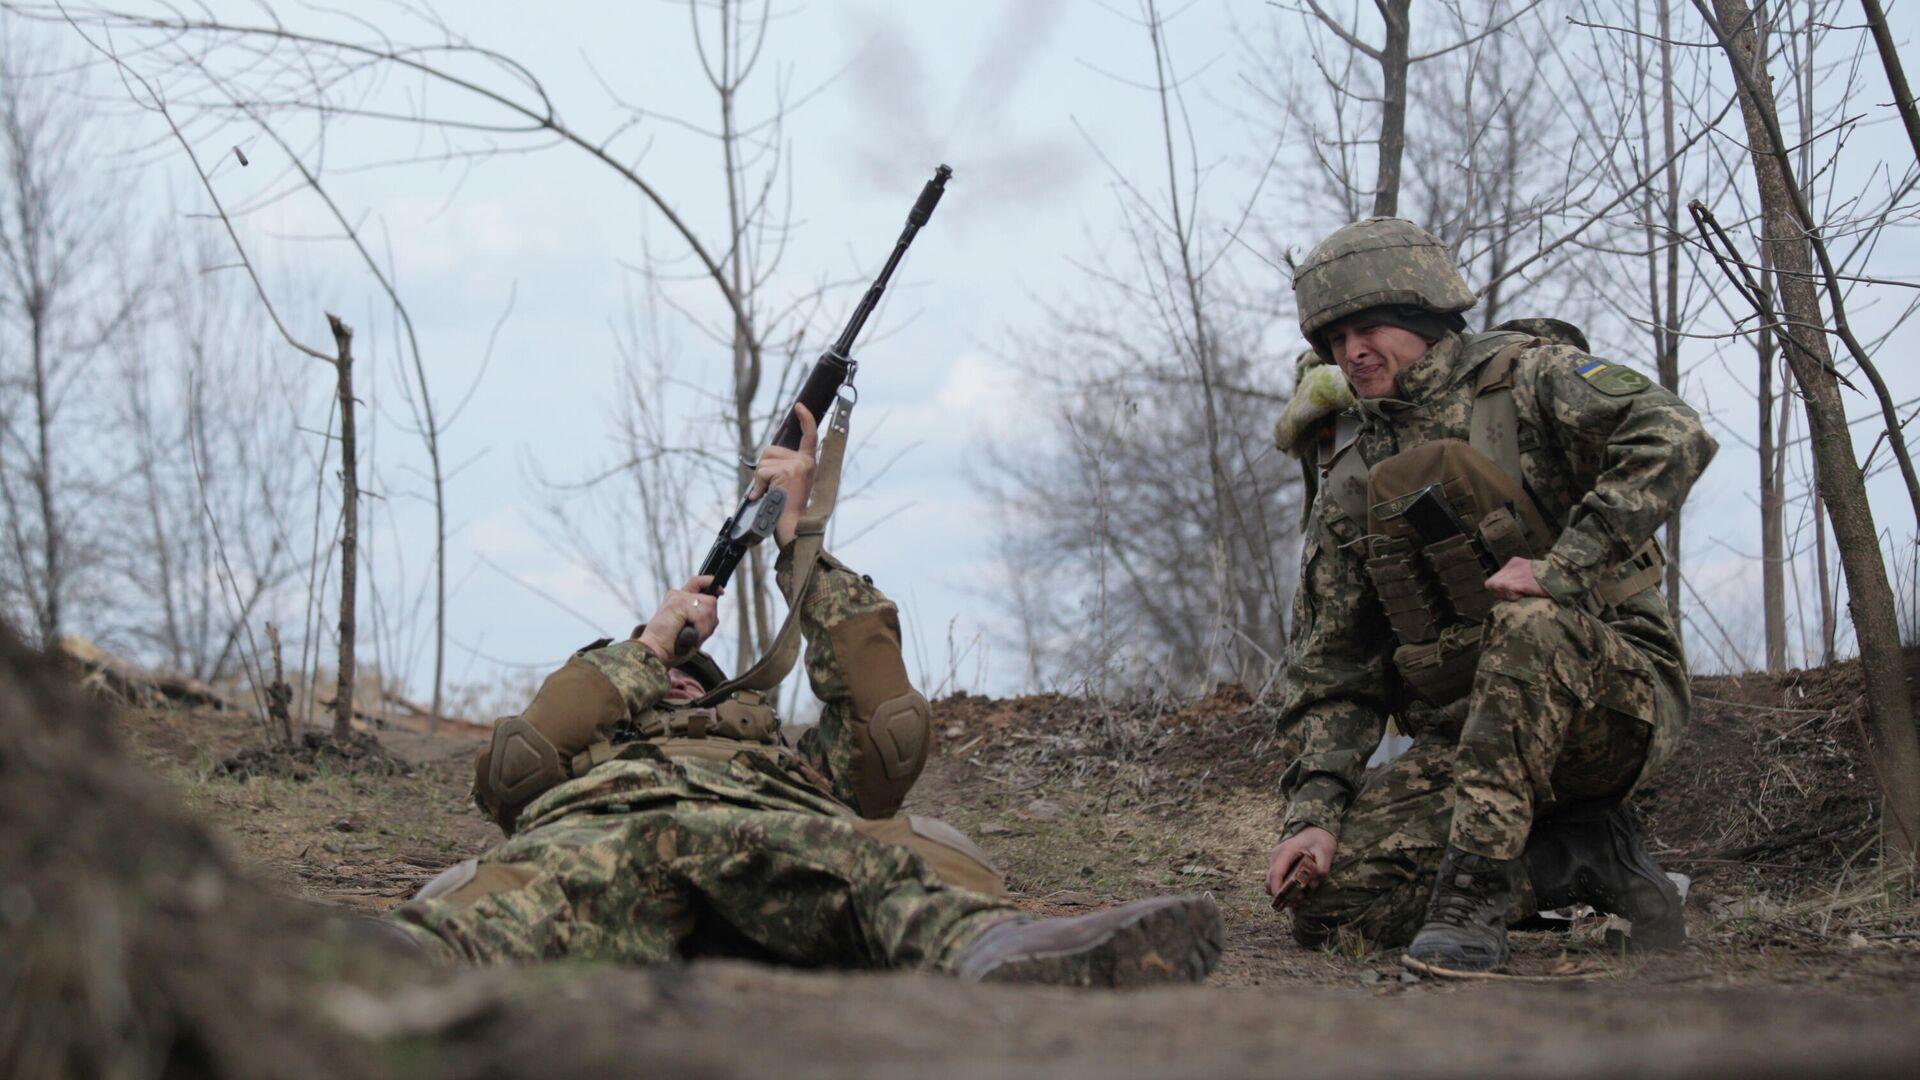 В МИД связали обострение в Донбассе со стремлением Киева вступить в НАТО